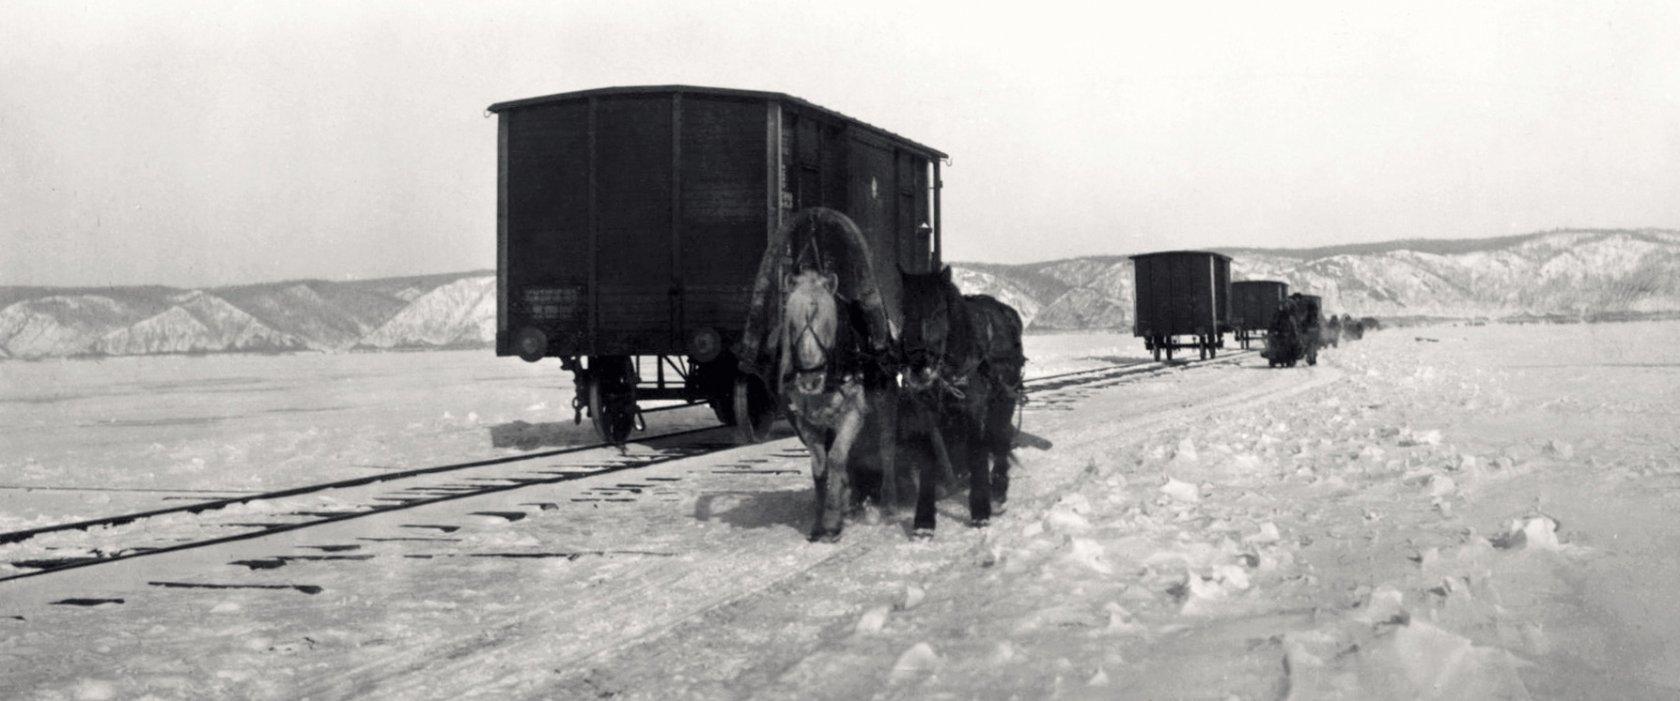 Байкальская переправа. Рельсовый путь по льду